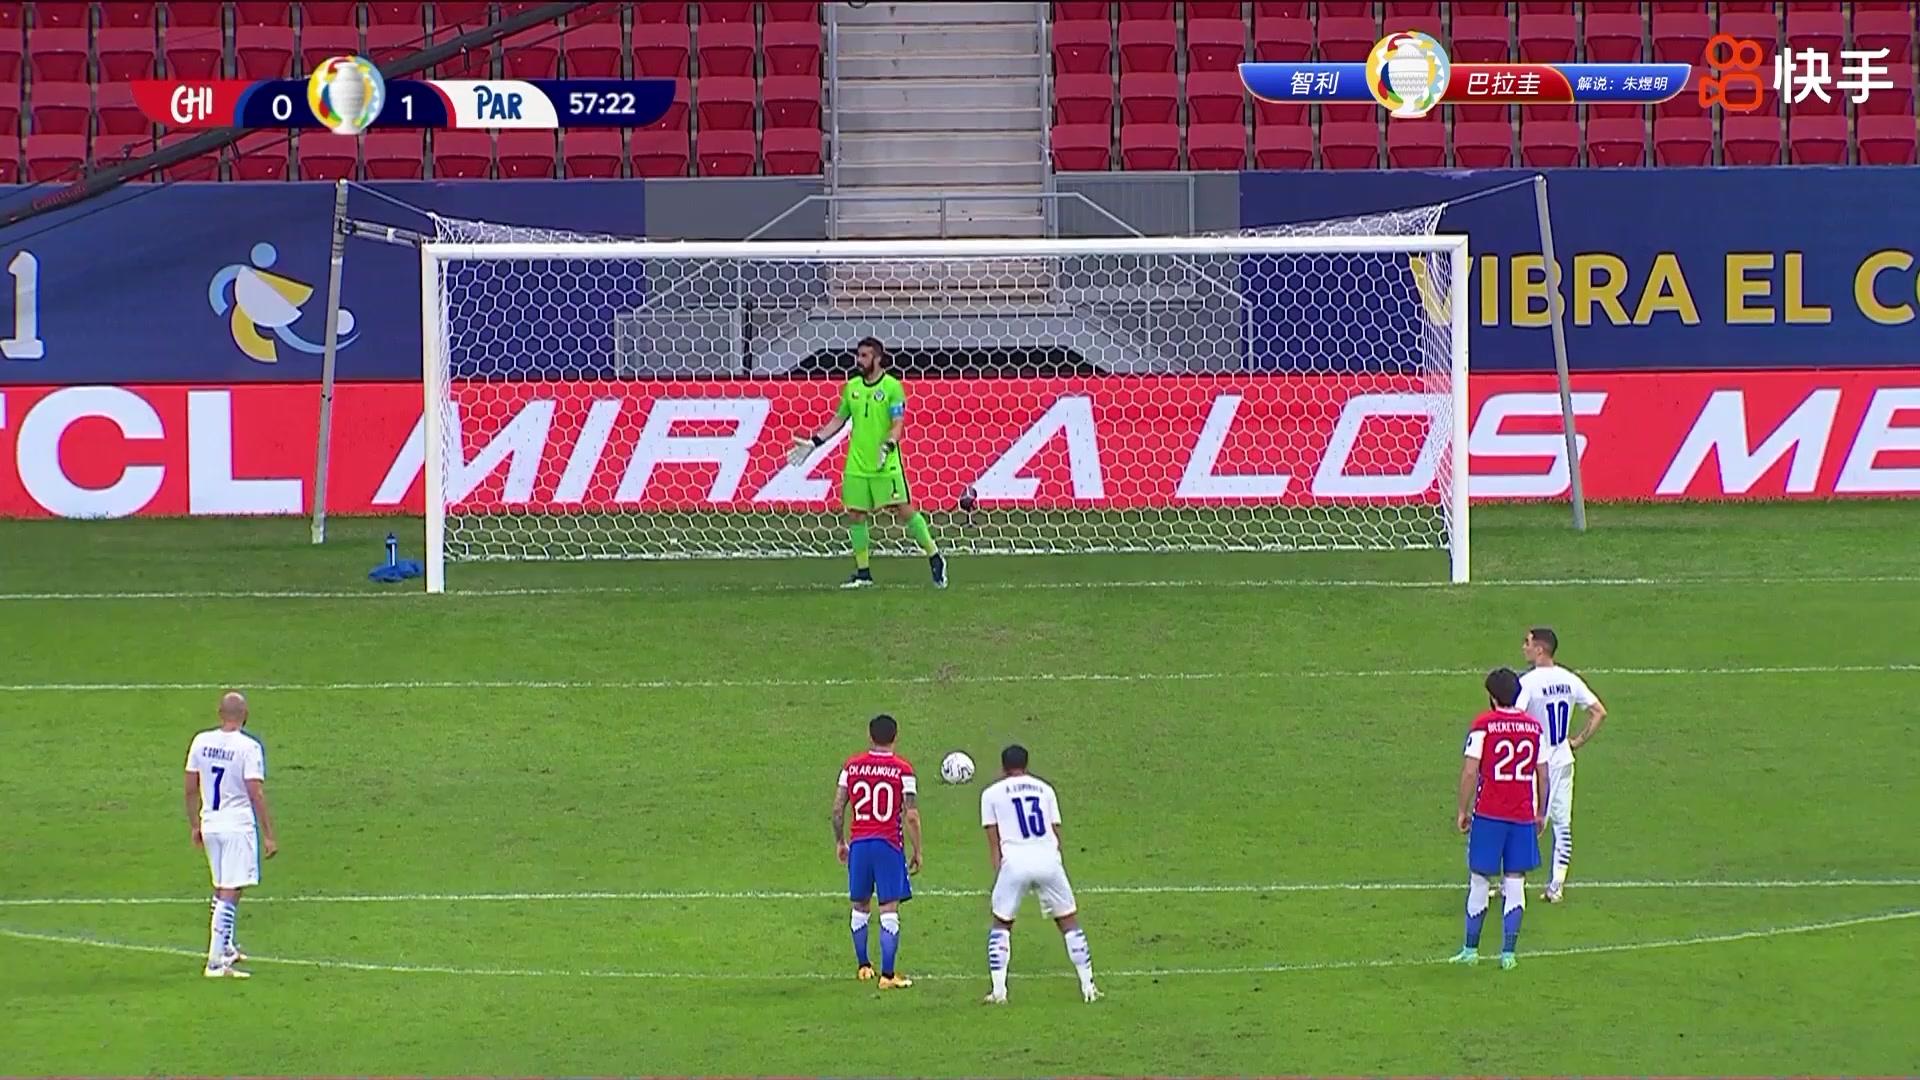 巴拉圭获得点球良机 阿尔米隆主罚稳稳命中